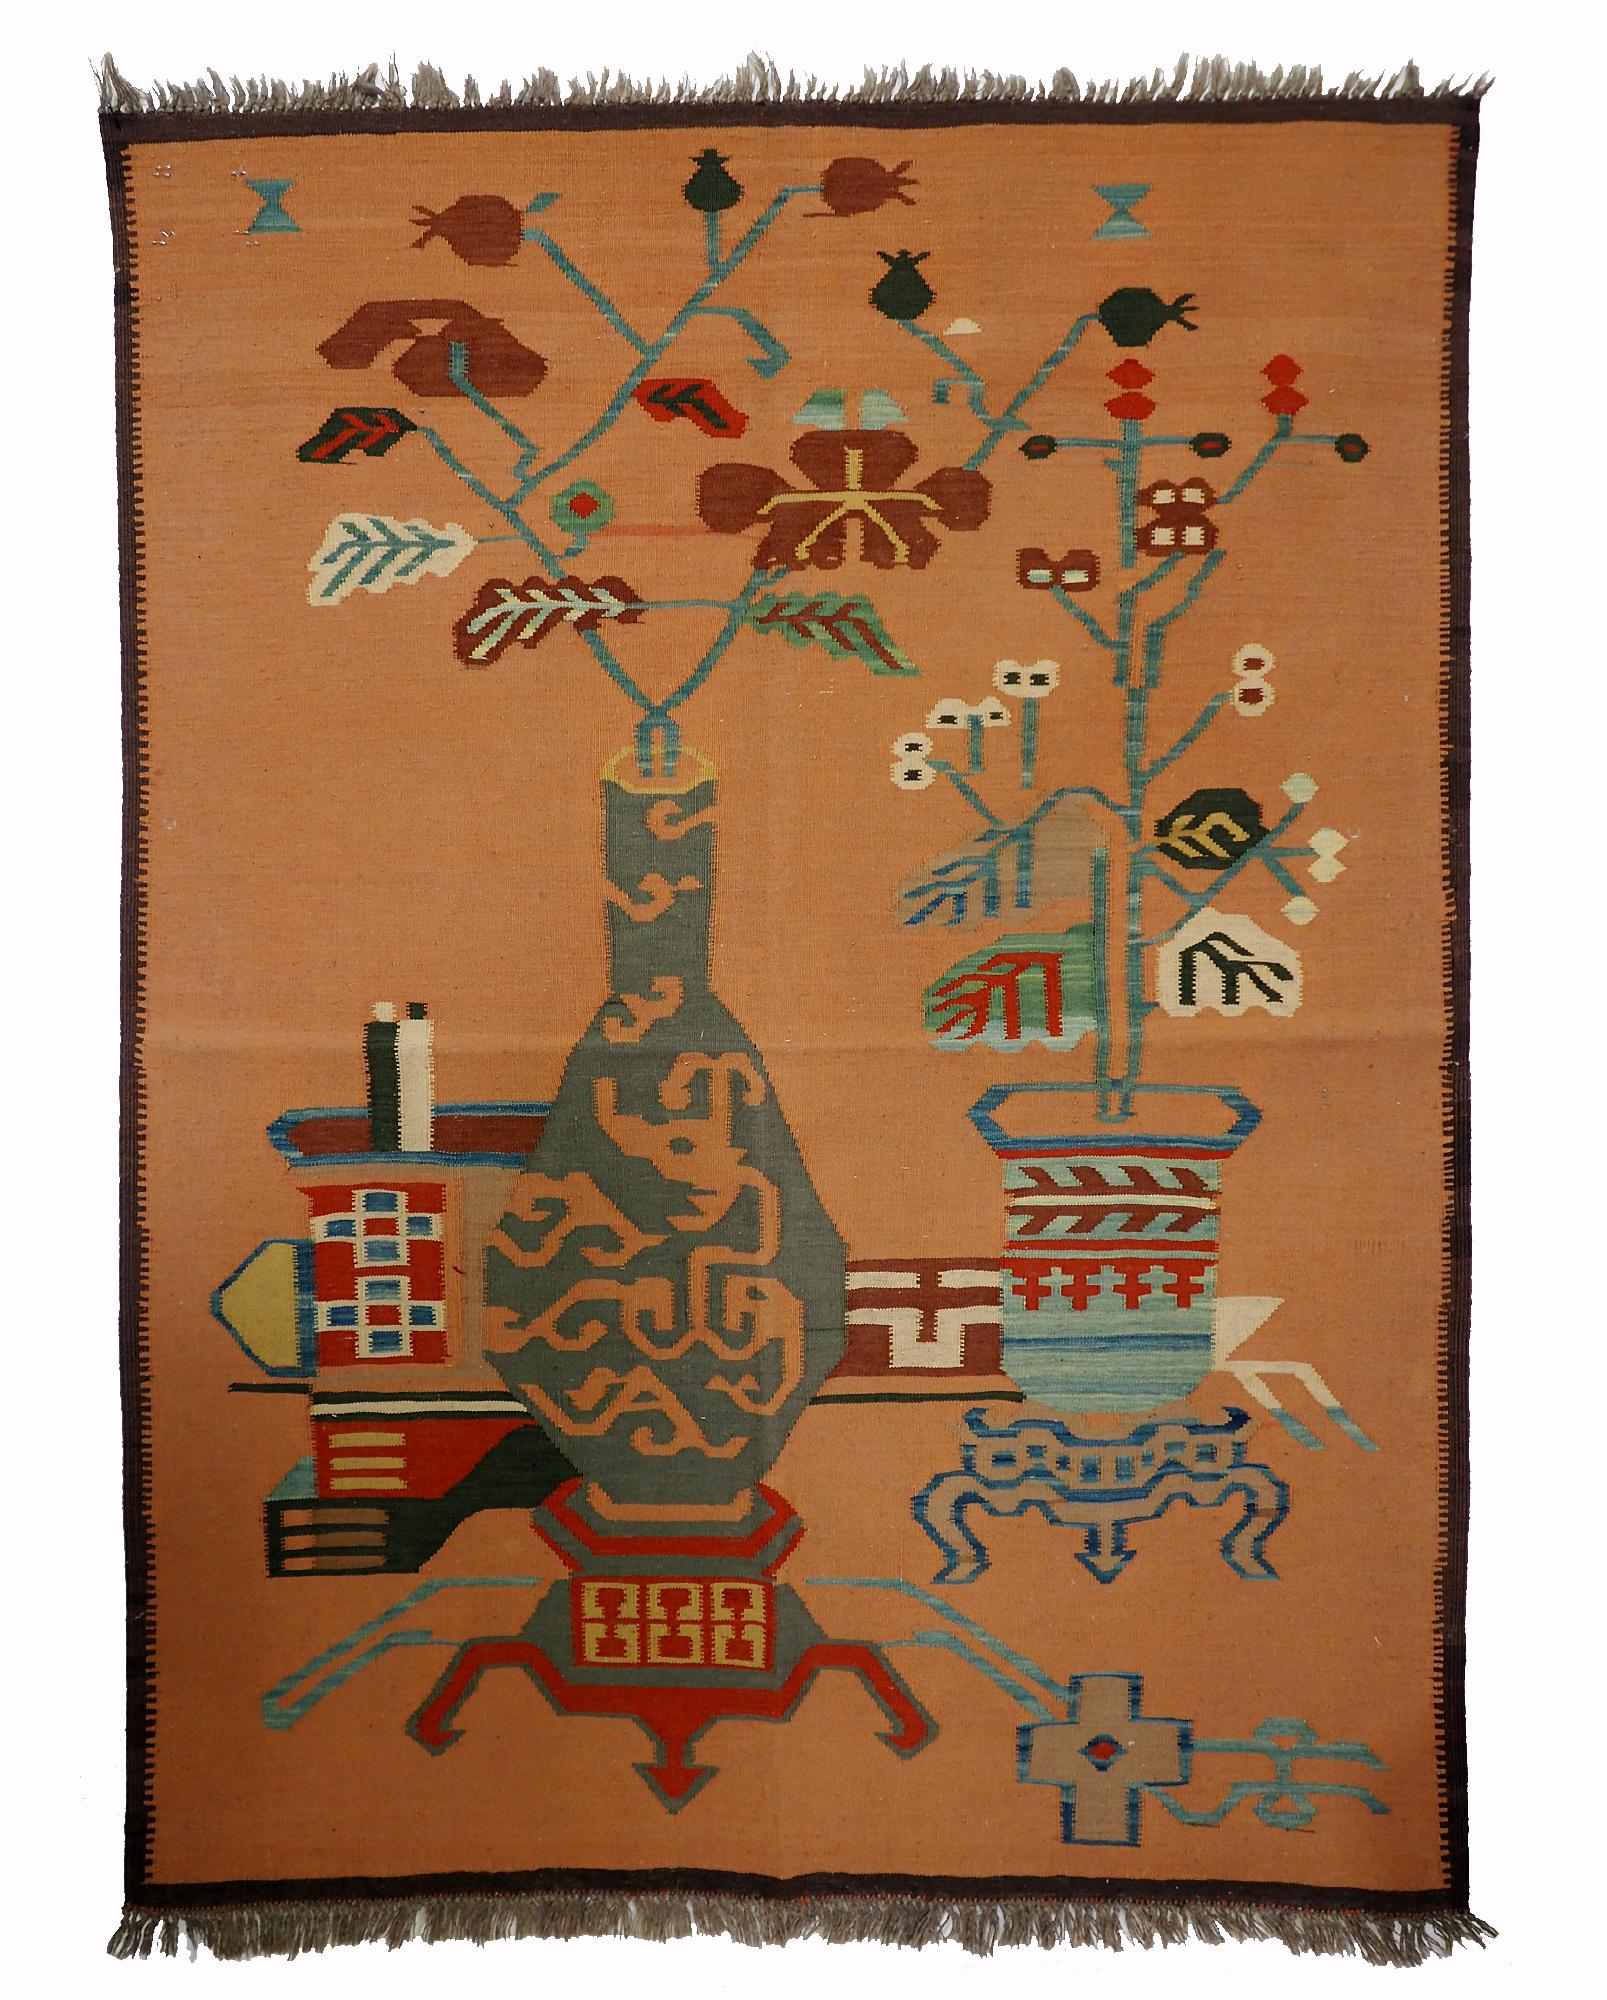 140x104 cm handgewebte orient kazak Teppich Nomaden kaukasische kelim No:506